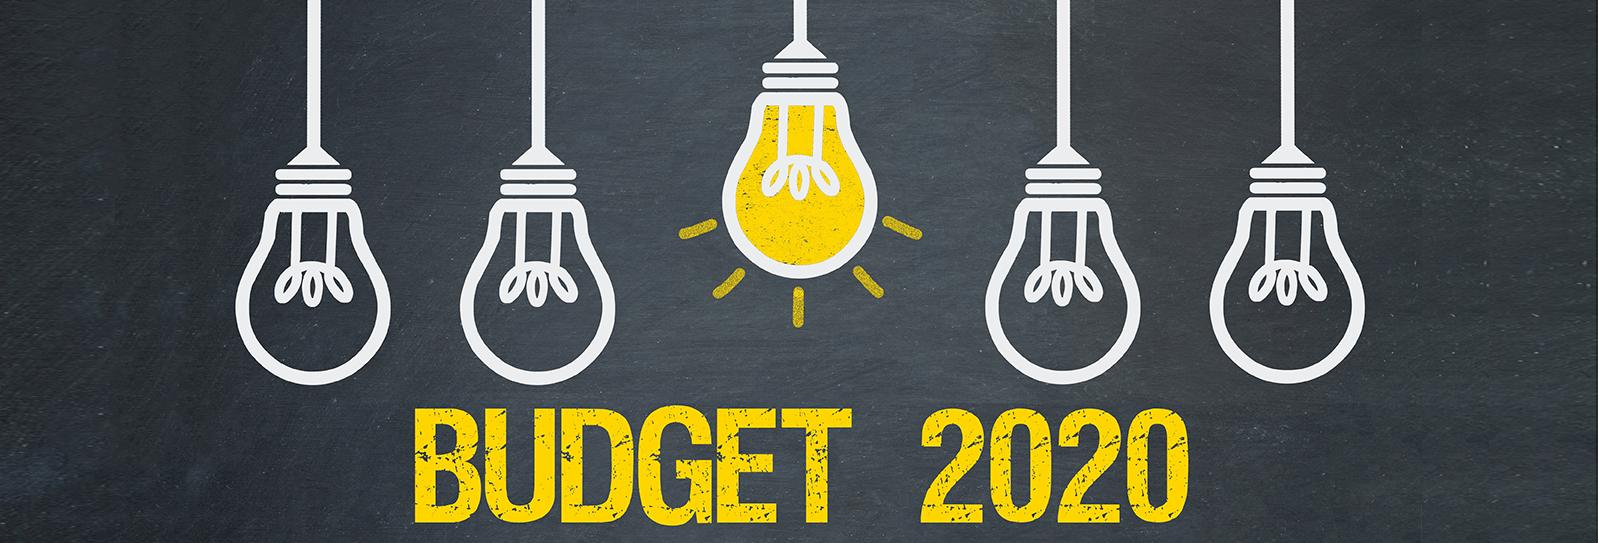 ipublish 2020 budget